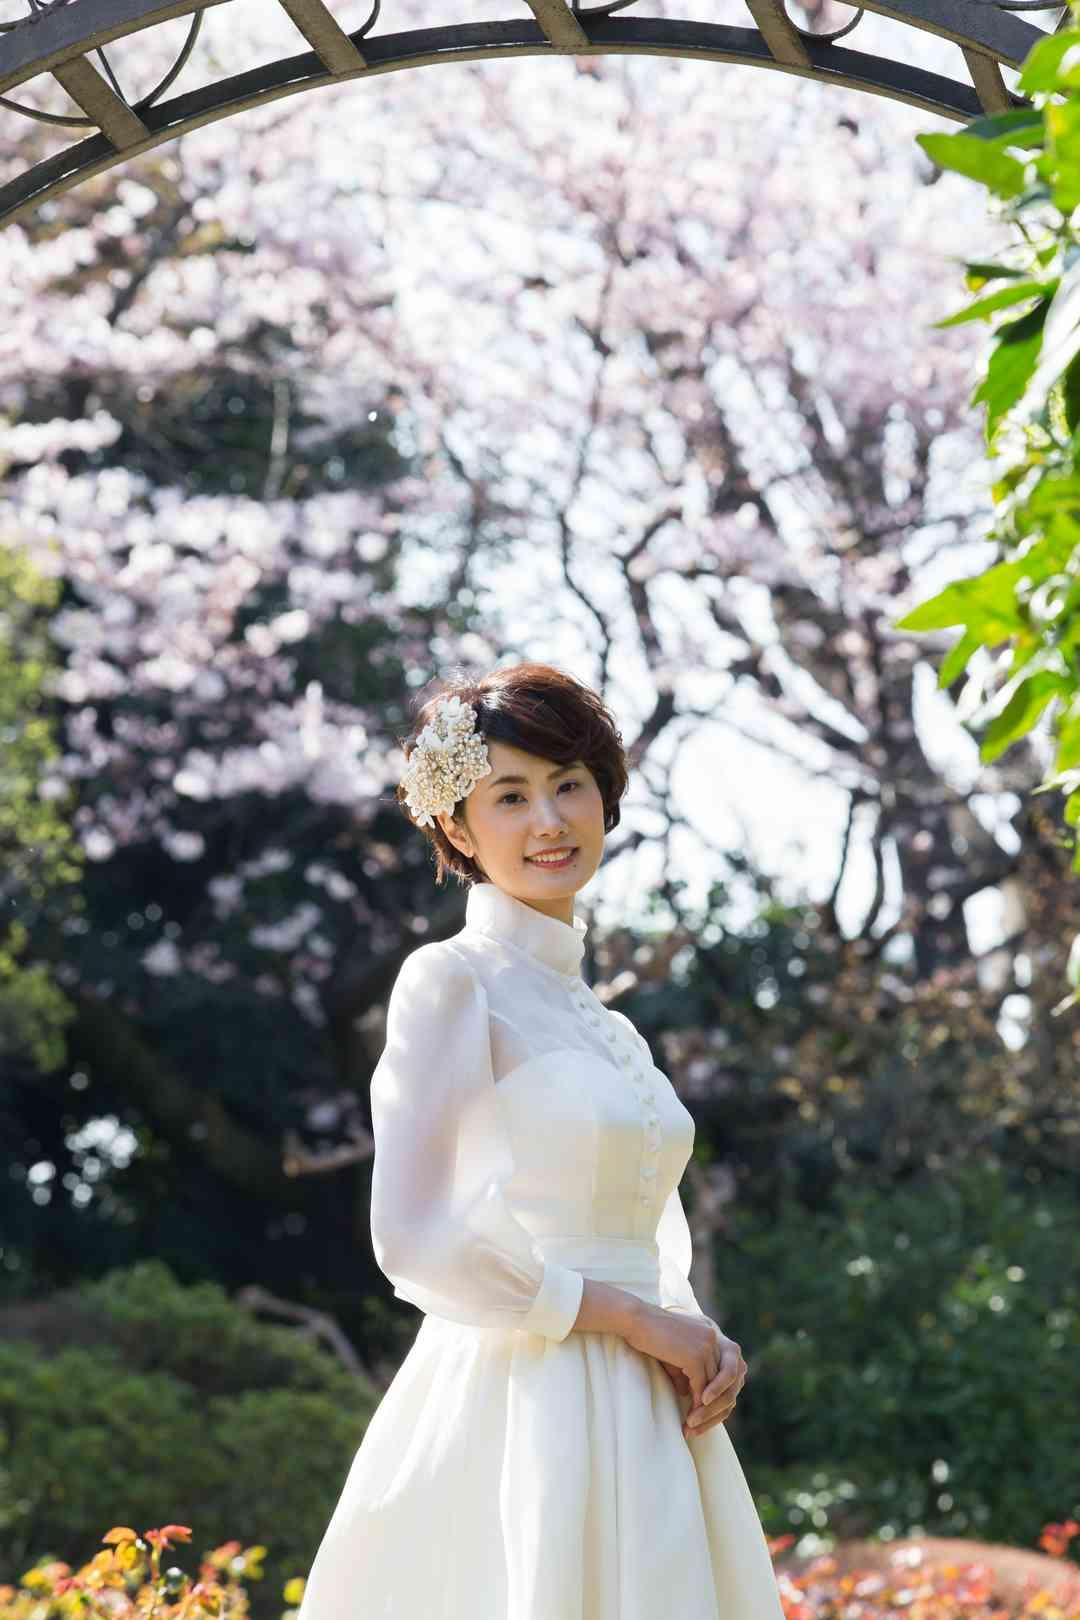 桜が彩る庭園